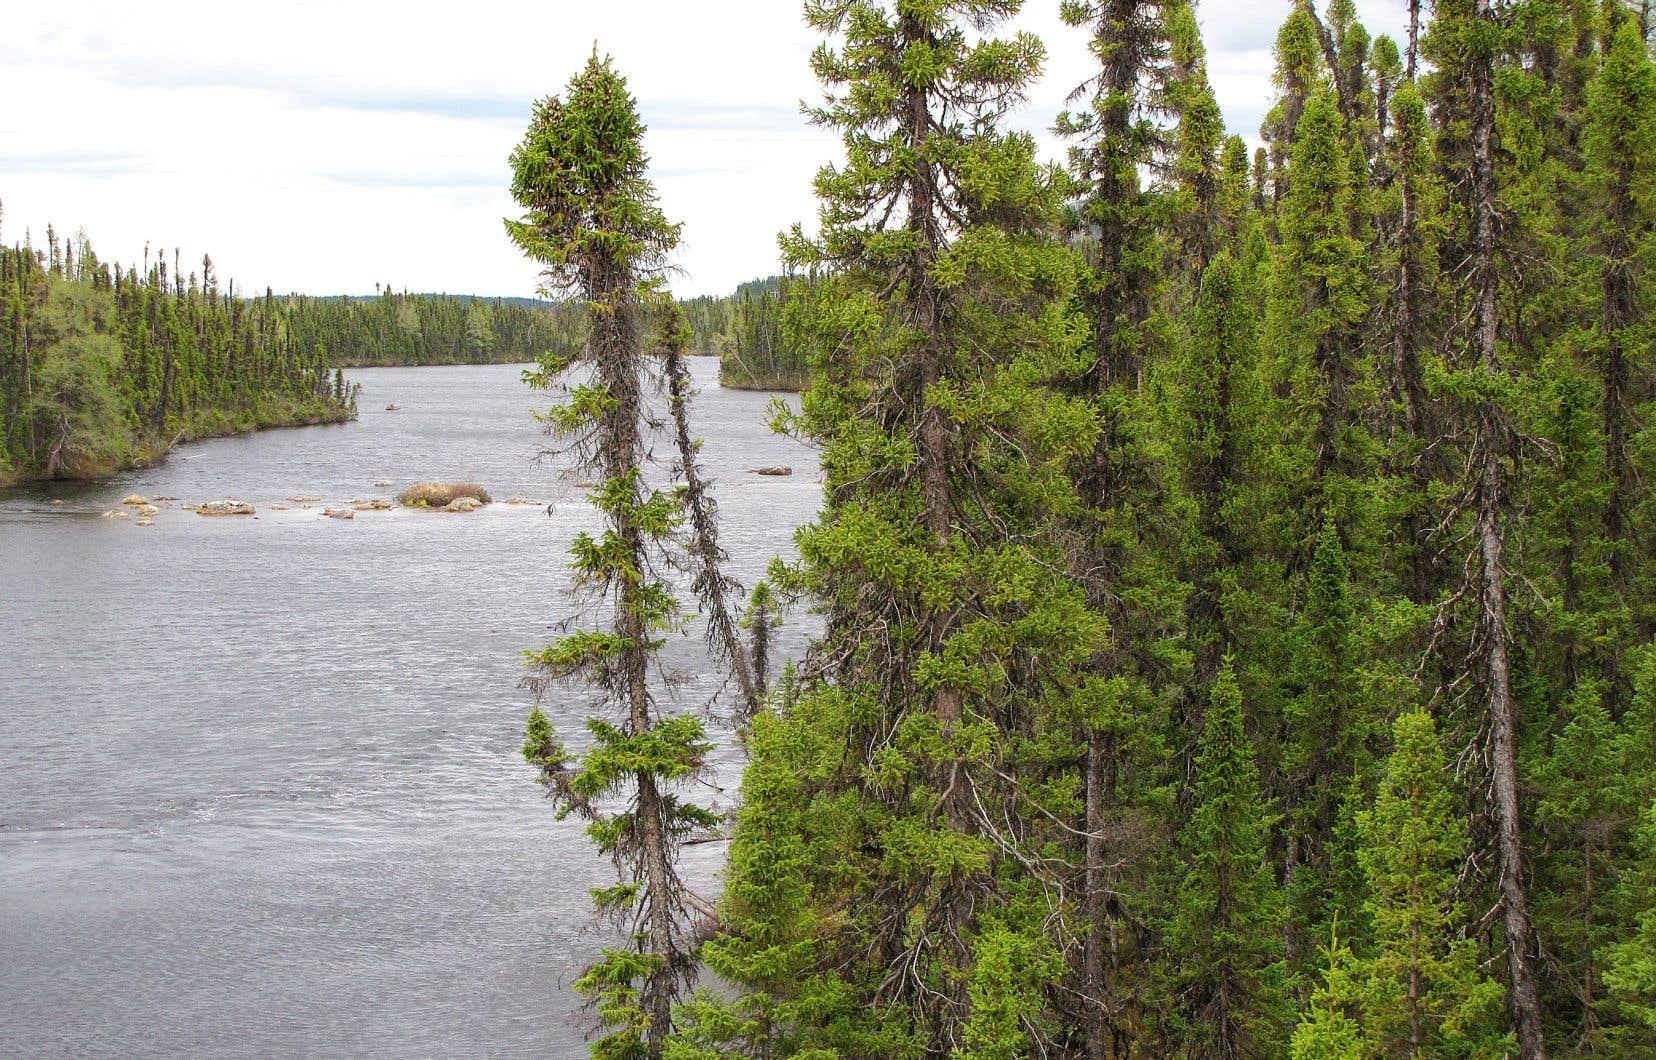 Le fleuve Churchill, situé au Labrador terre-neuvien, est long de près de 900 kilomètres et coule vers l'Atlantique.